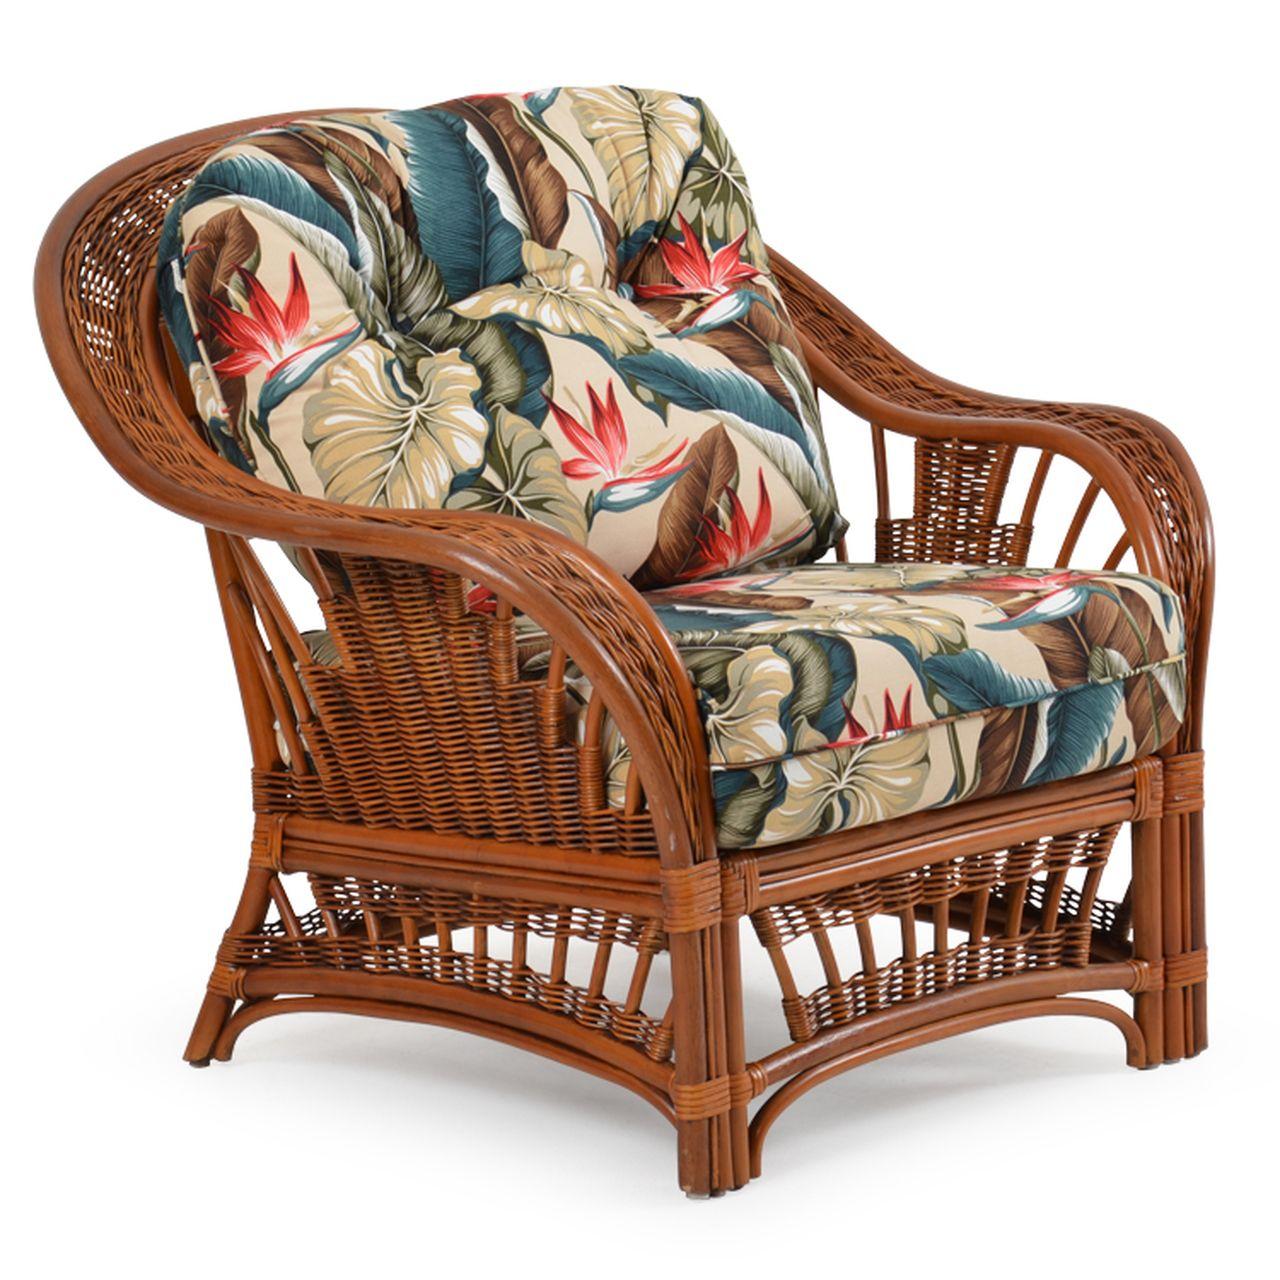 Bali Indoor Rattan Lounge Chair in 2020 Rattan lounge